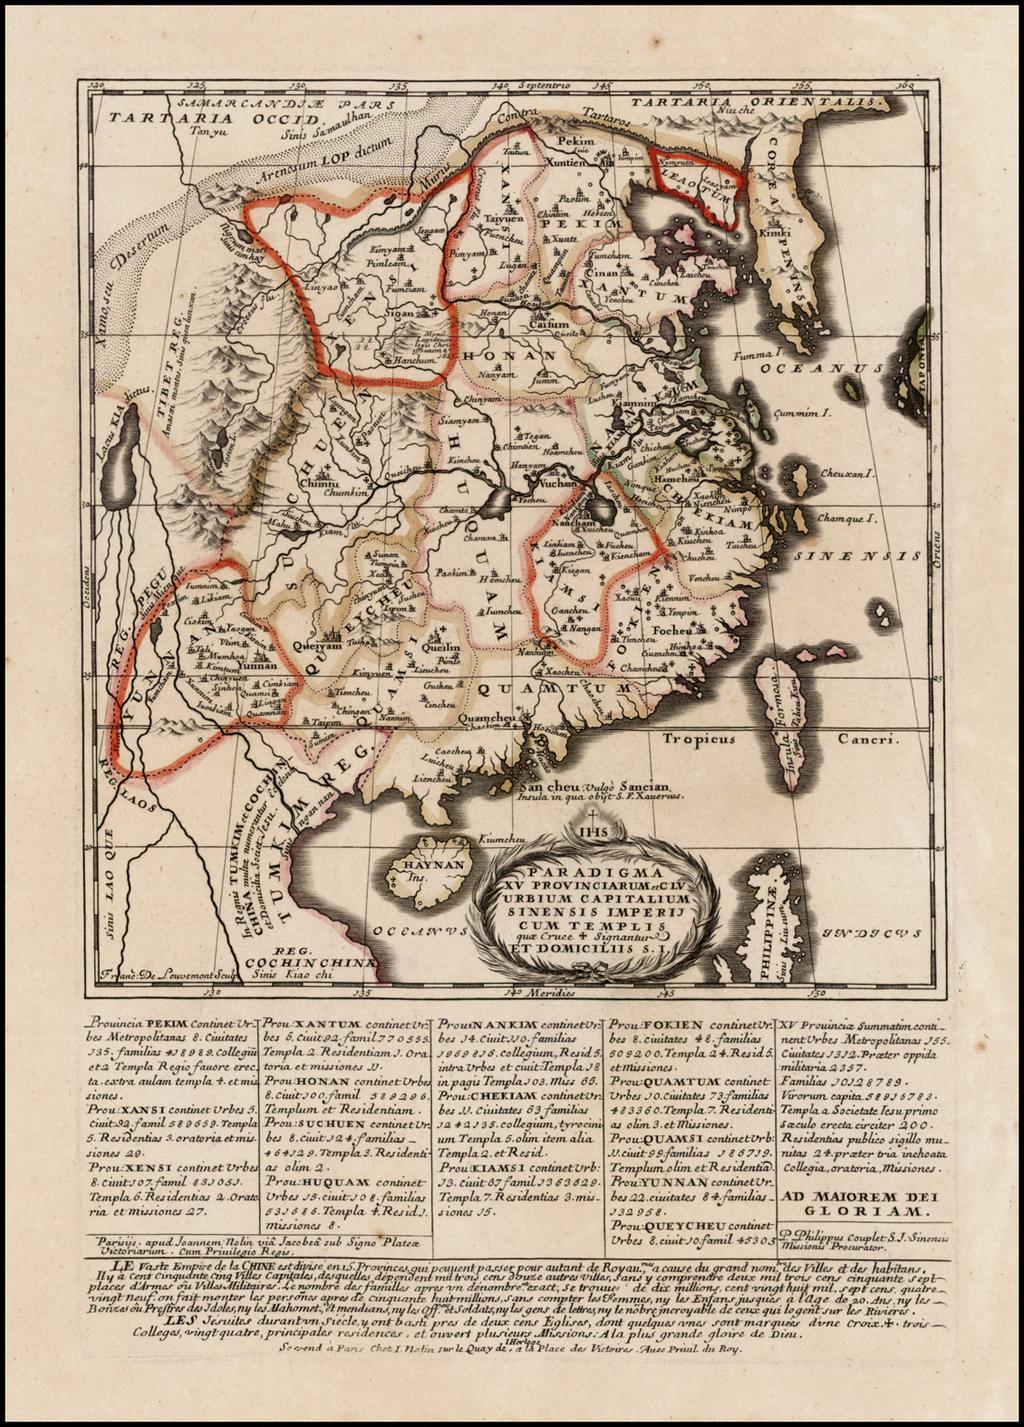 Paradigma XV Provinciarum et CLV Urbium Capitalium Sinensis Imperij Cum Templis quae Cruce X Signatur Et Domiciliis S.I. By Jean-Baptiste Nolin